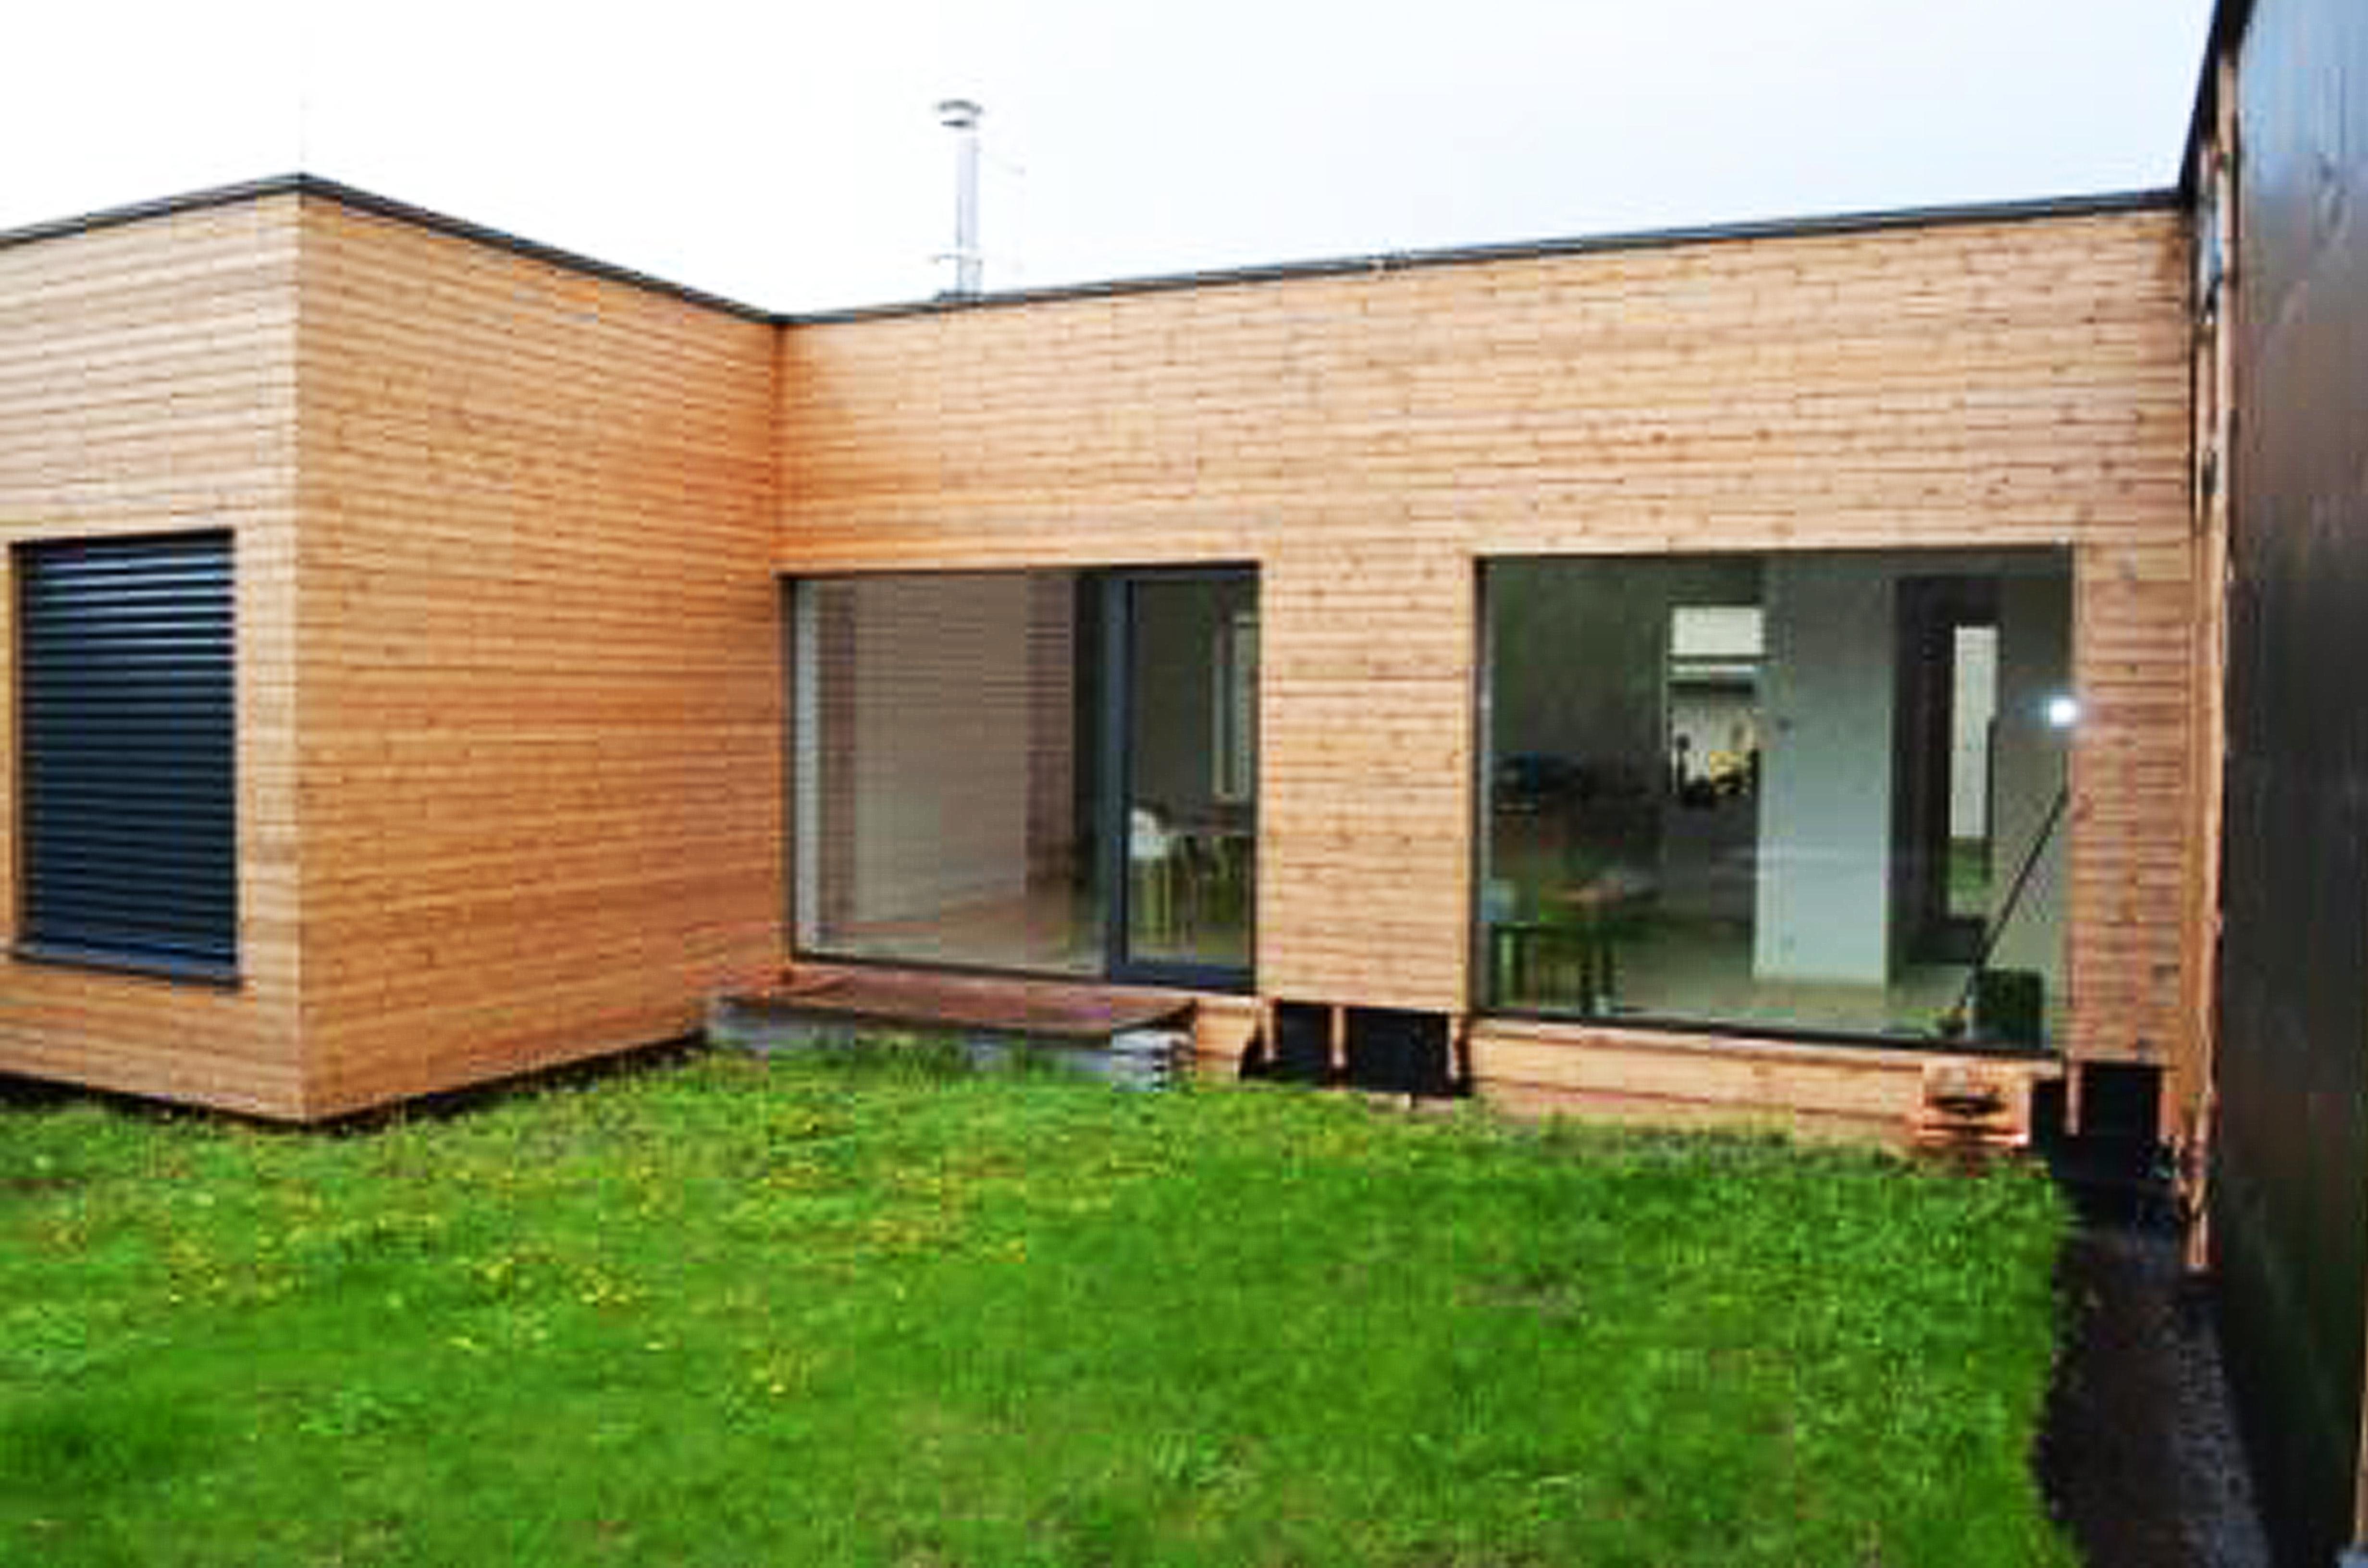 Drevený dom s plochou strechou pokrytou materiálom EPDM